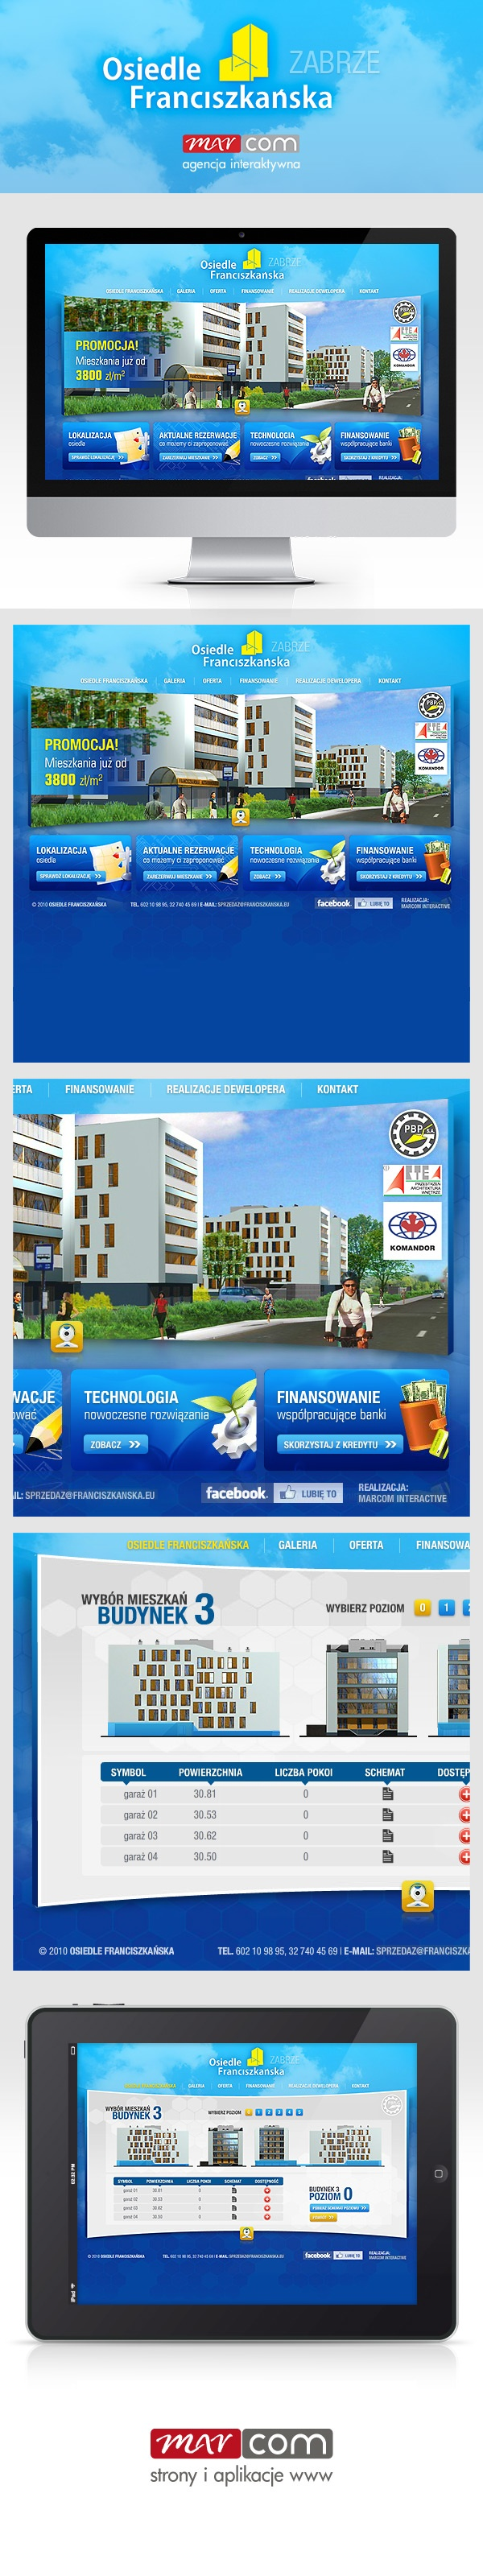 Strona internetowa osiedla deweloperskiego Franciszkańska w Zabrzu.